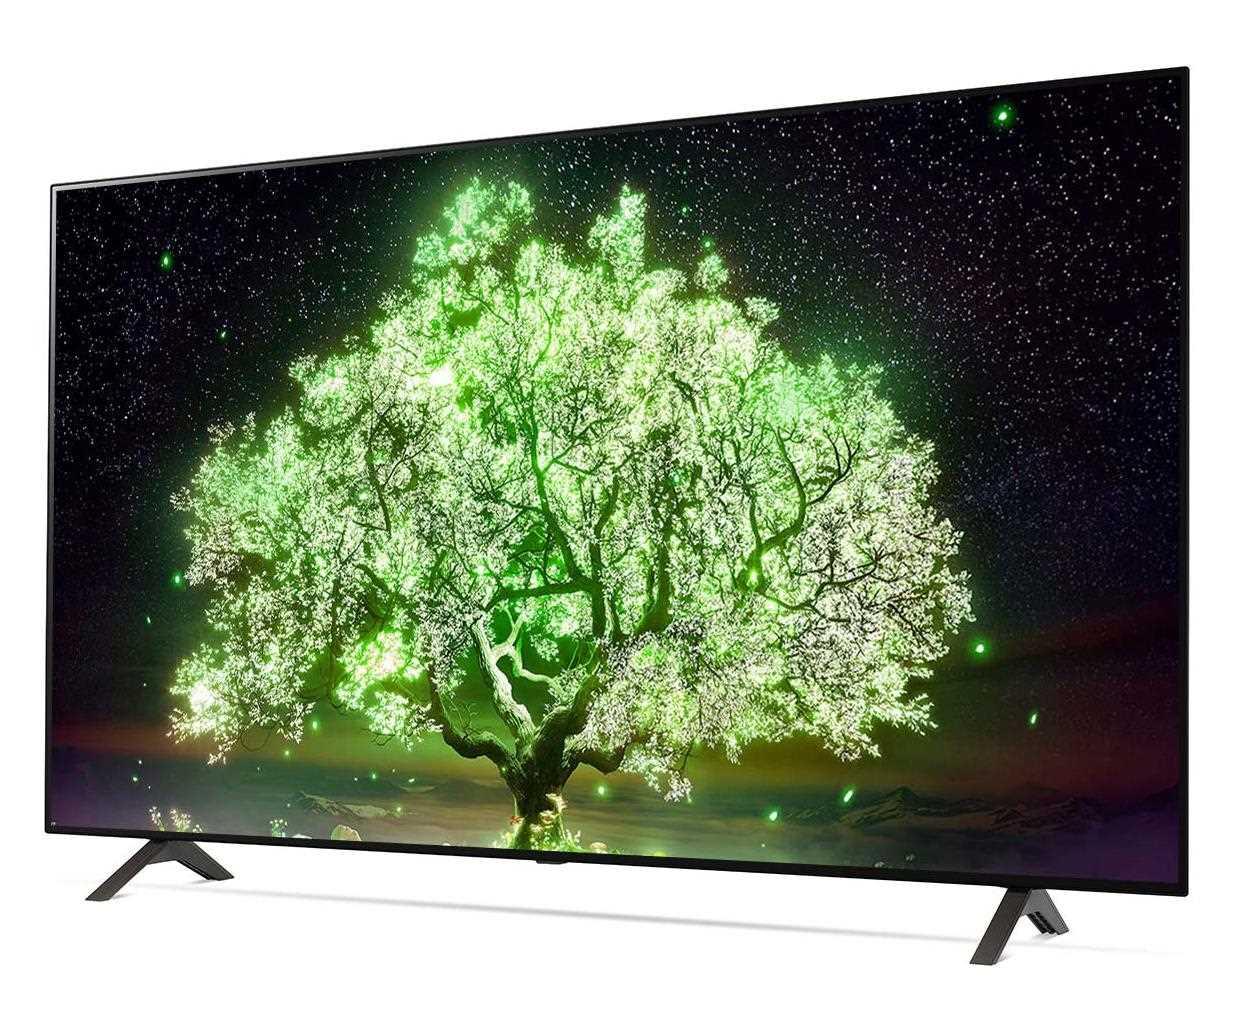 טלוויזיה 55 אינץ' דגם OLED 55A16LA/PVA  בטכנולוגיית LG OLED 4K Ultra HD אל ג'י - תמונה 2